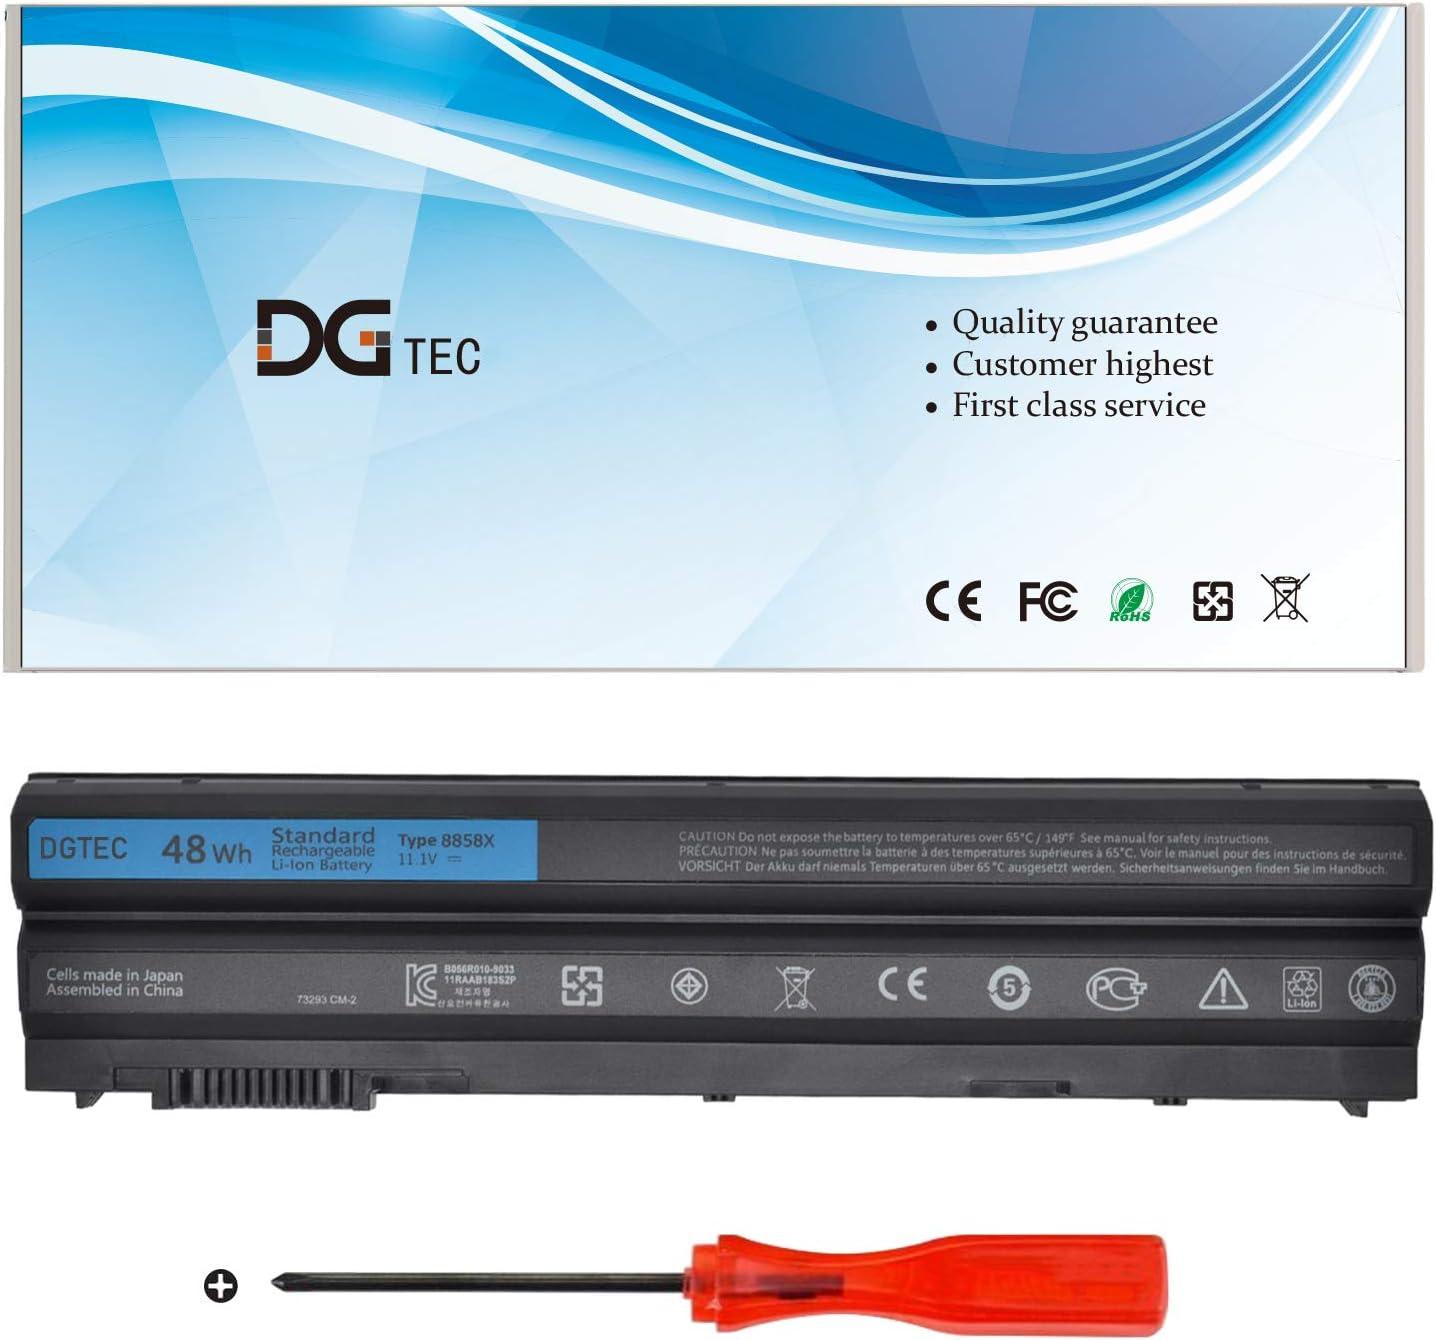 DGTEC New 8858X Replacement Laptop Battery Compatible with Dell Latitude E5420 E5430 E5520 E5530 E6530 E6420 E6430 Inspiron 14R 5420 15R 5520 7520 17R 5720 7720 M5Y0X T54F3 4YRJH 0T54FJ (11.1V 48Wh)